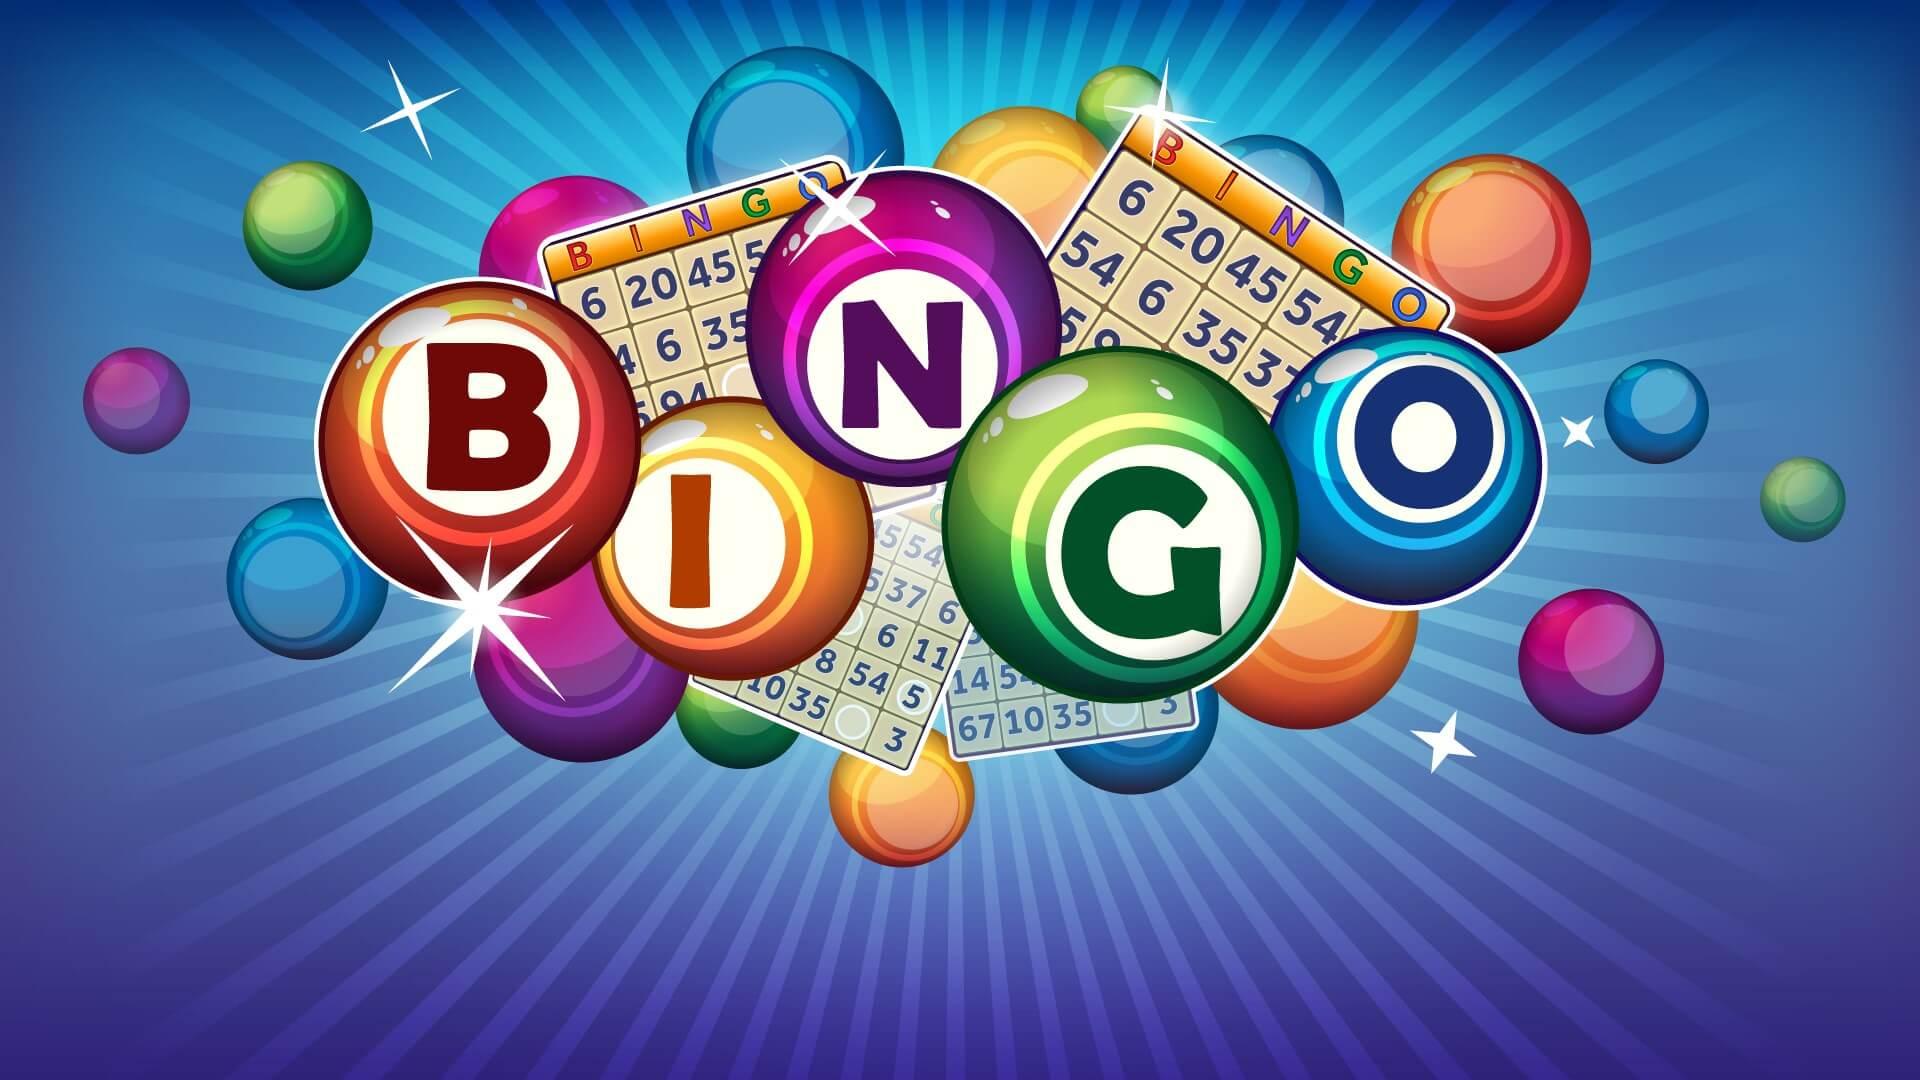 Daily Launch Bingo